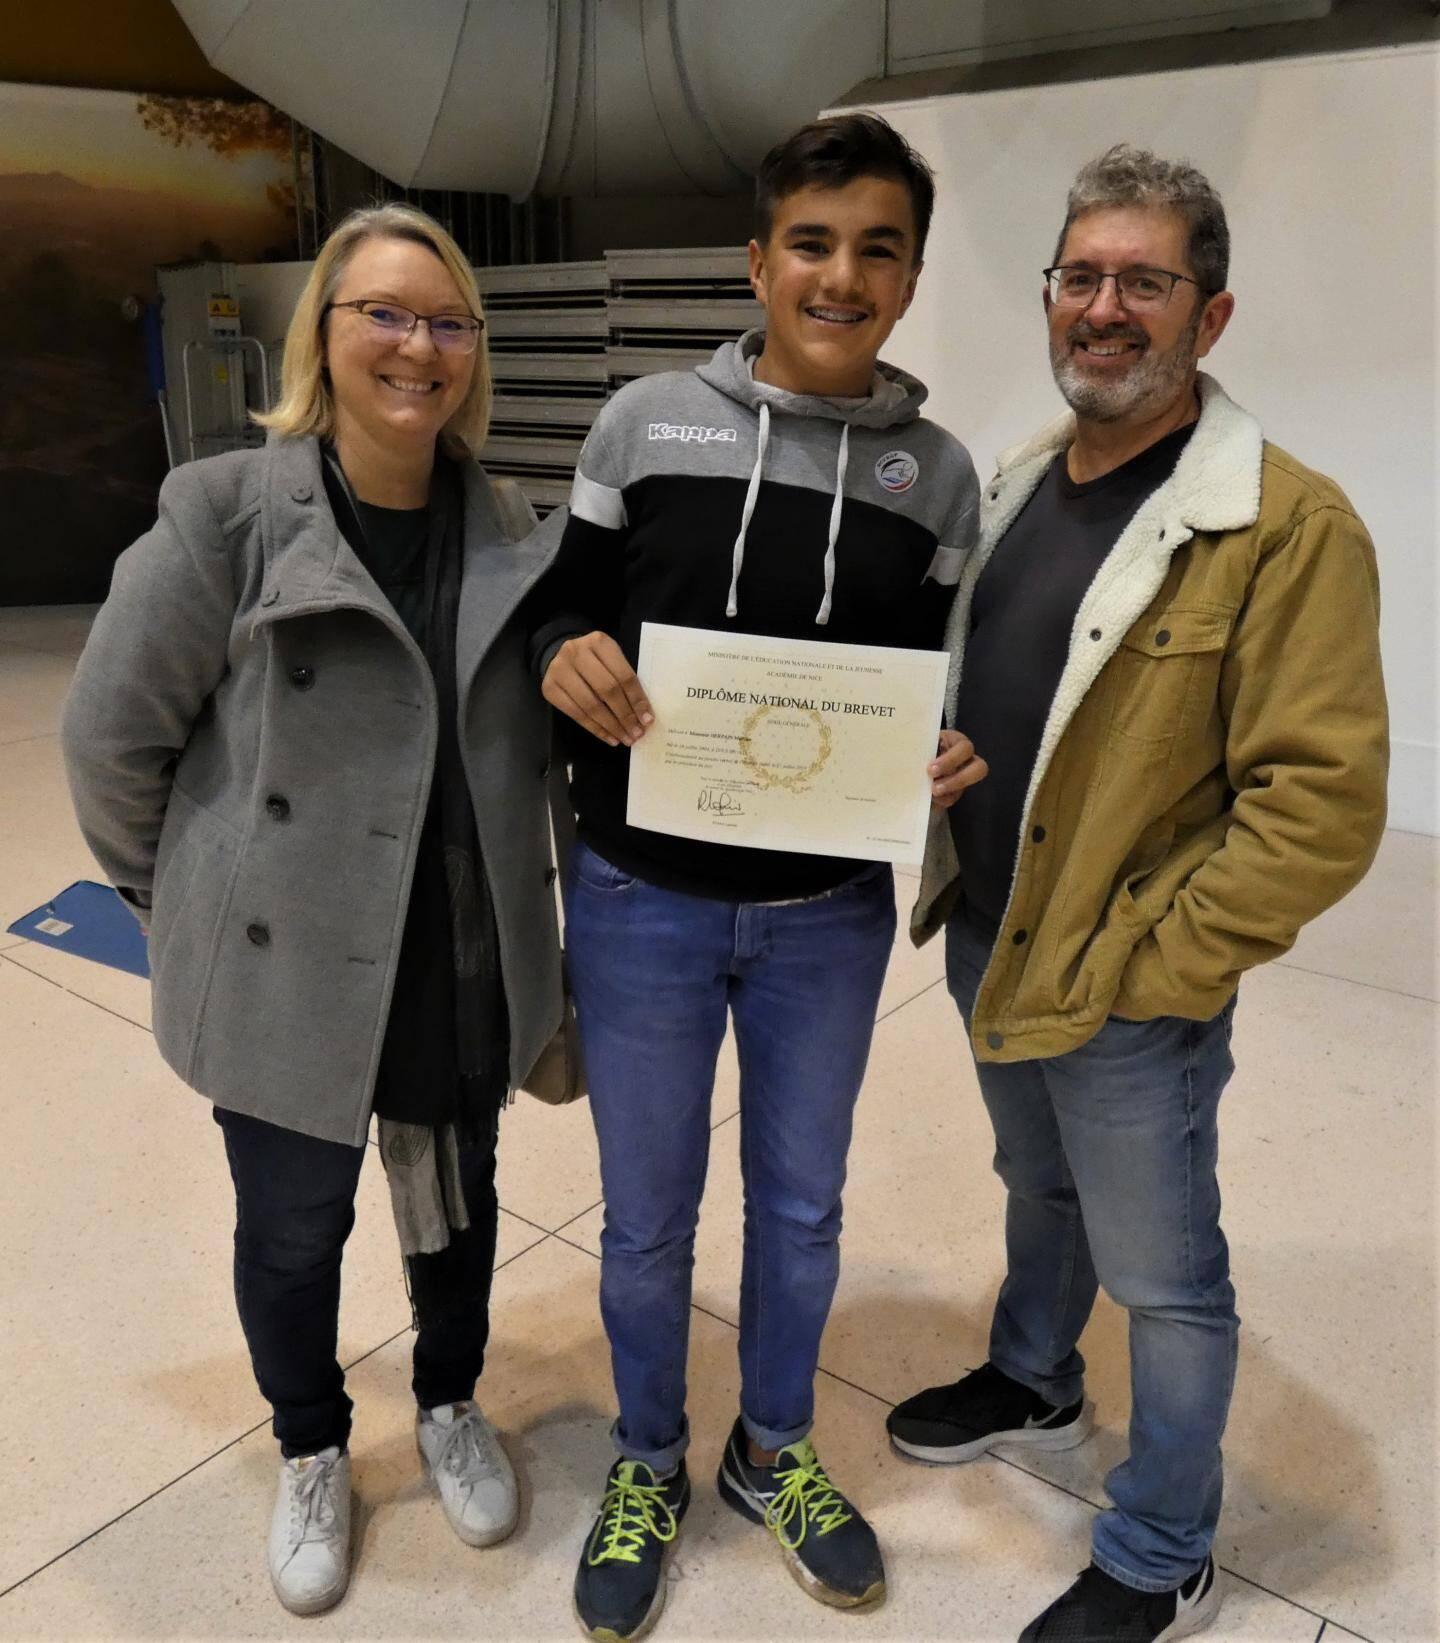 Mathias et ses parents, très heureux de cette réussite.